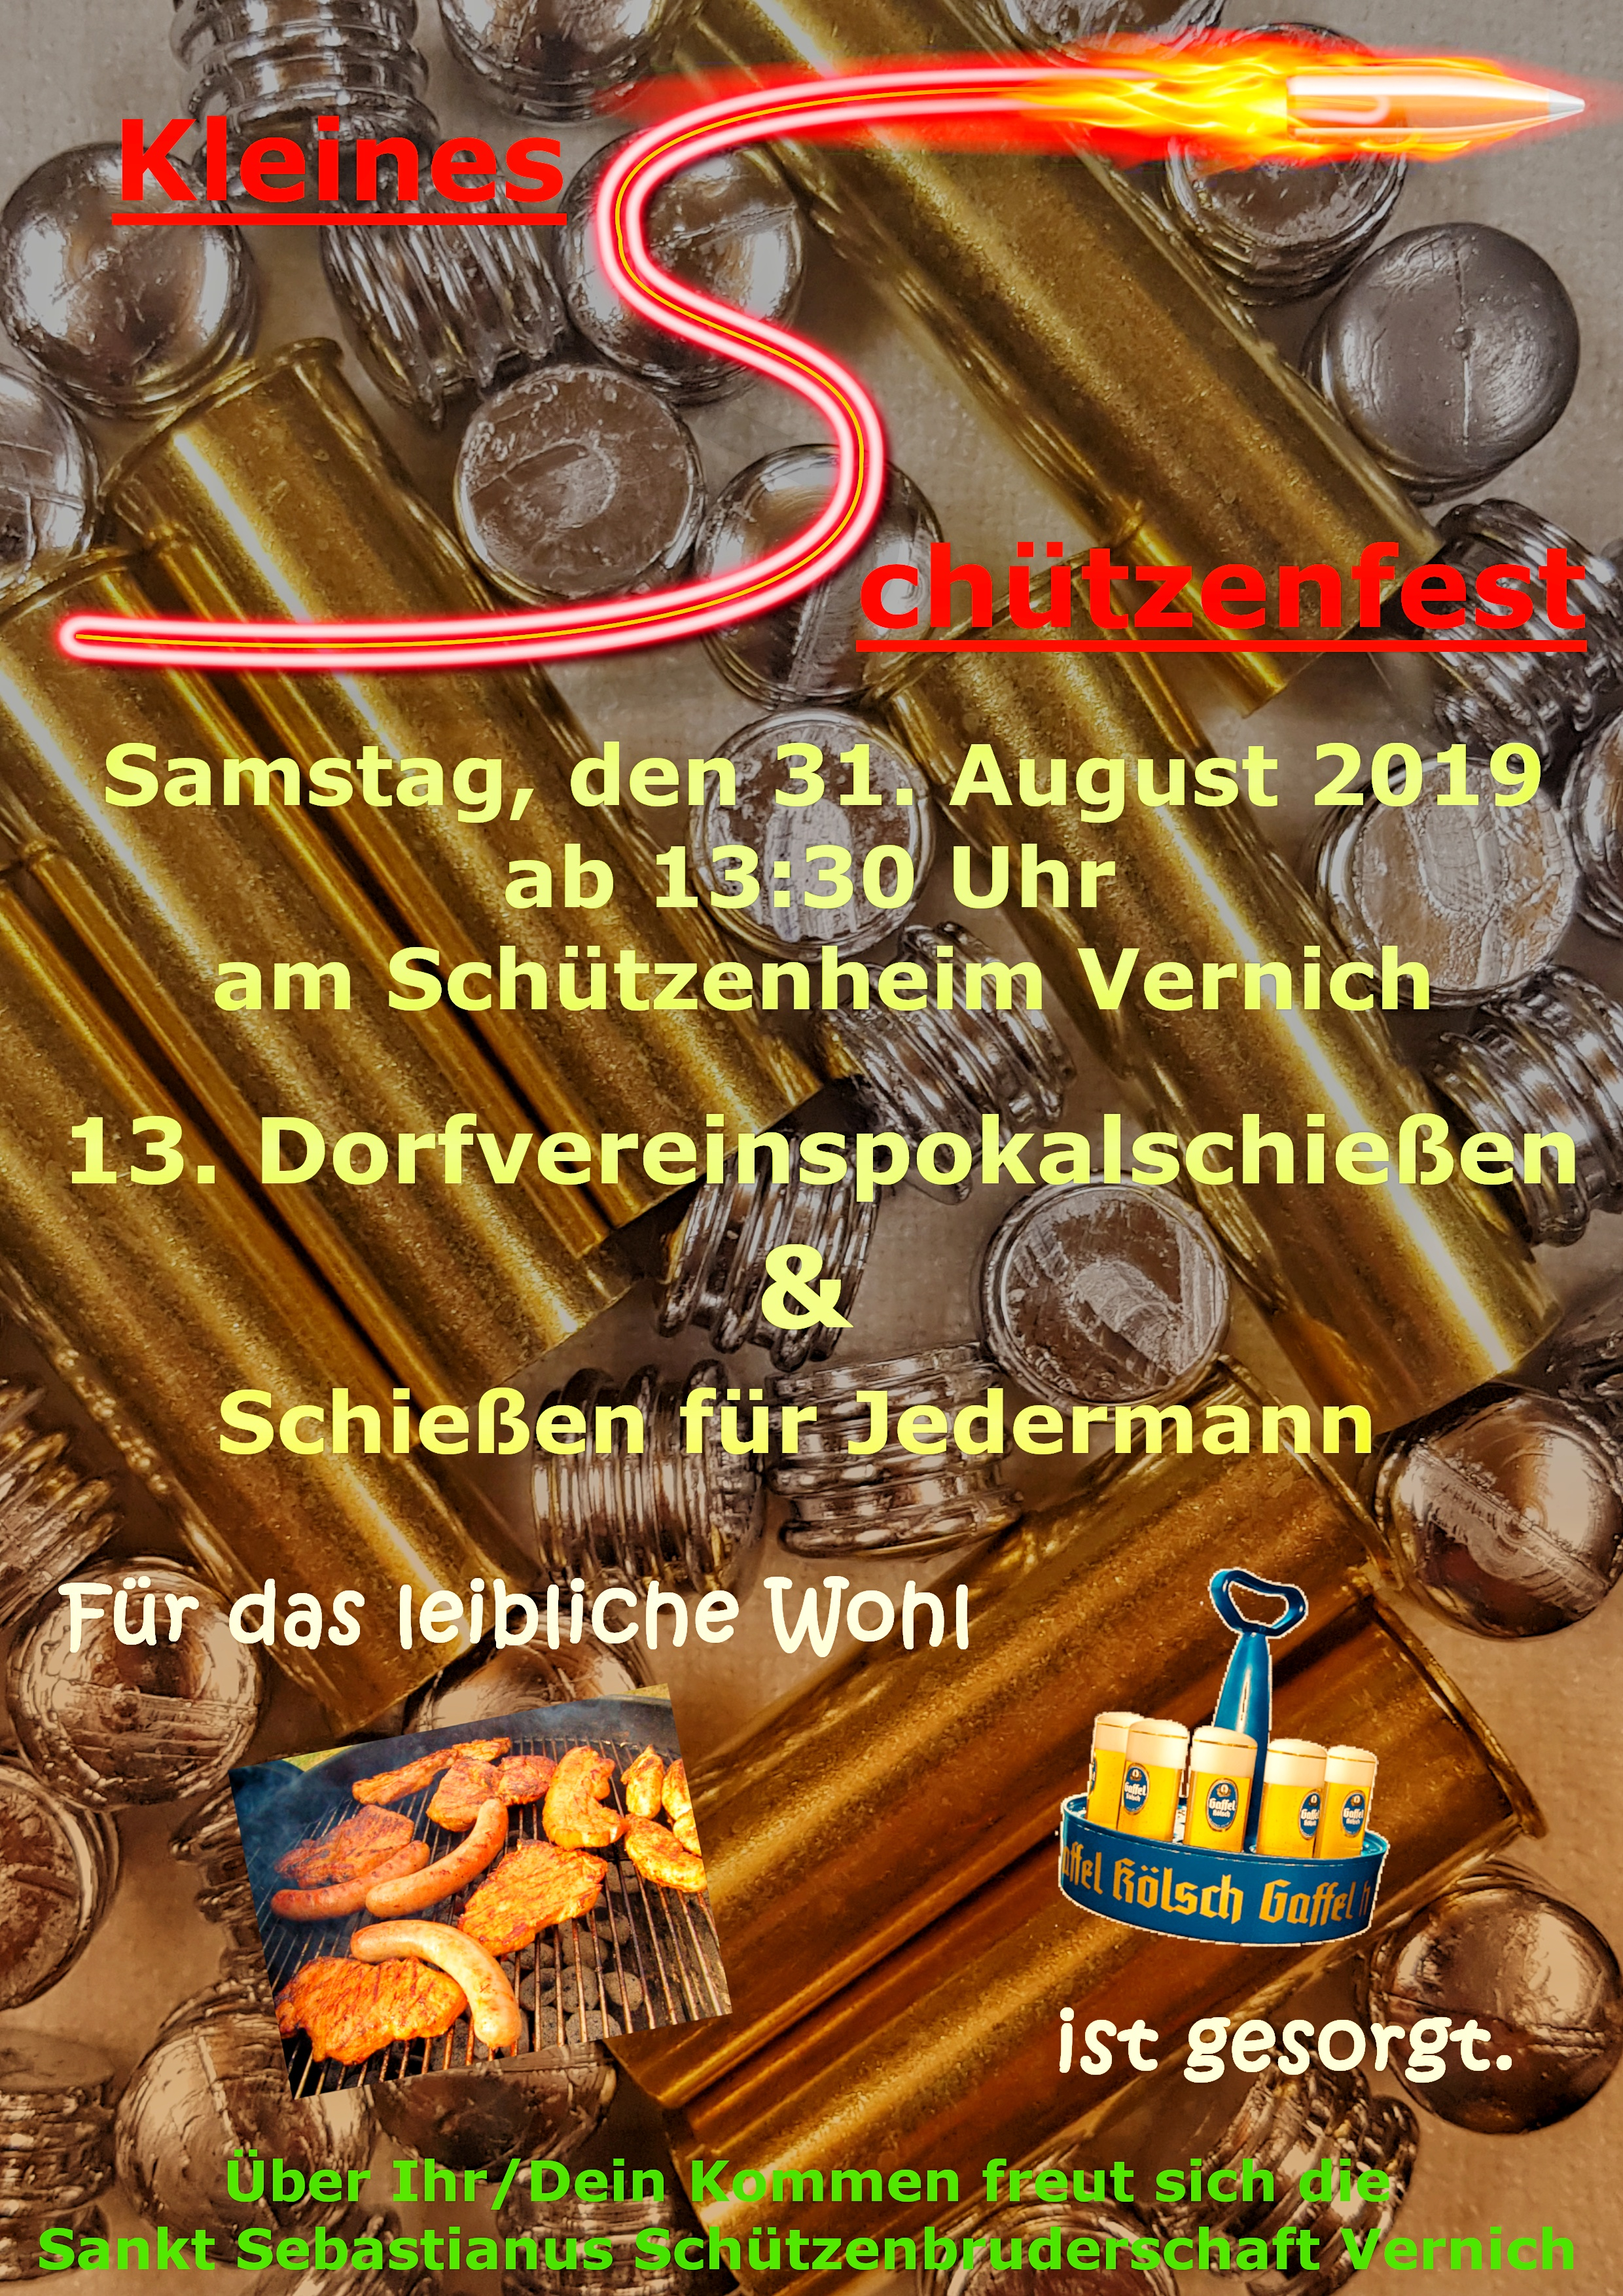 """""""Kleines Schützenfest 2019"""" Schießen für Jedermann"""